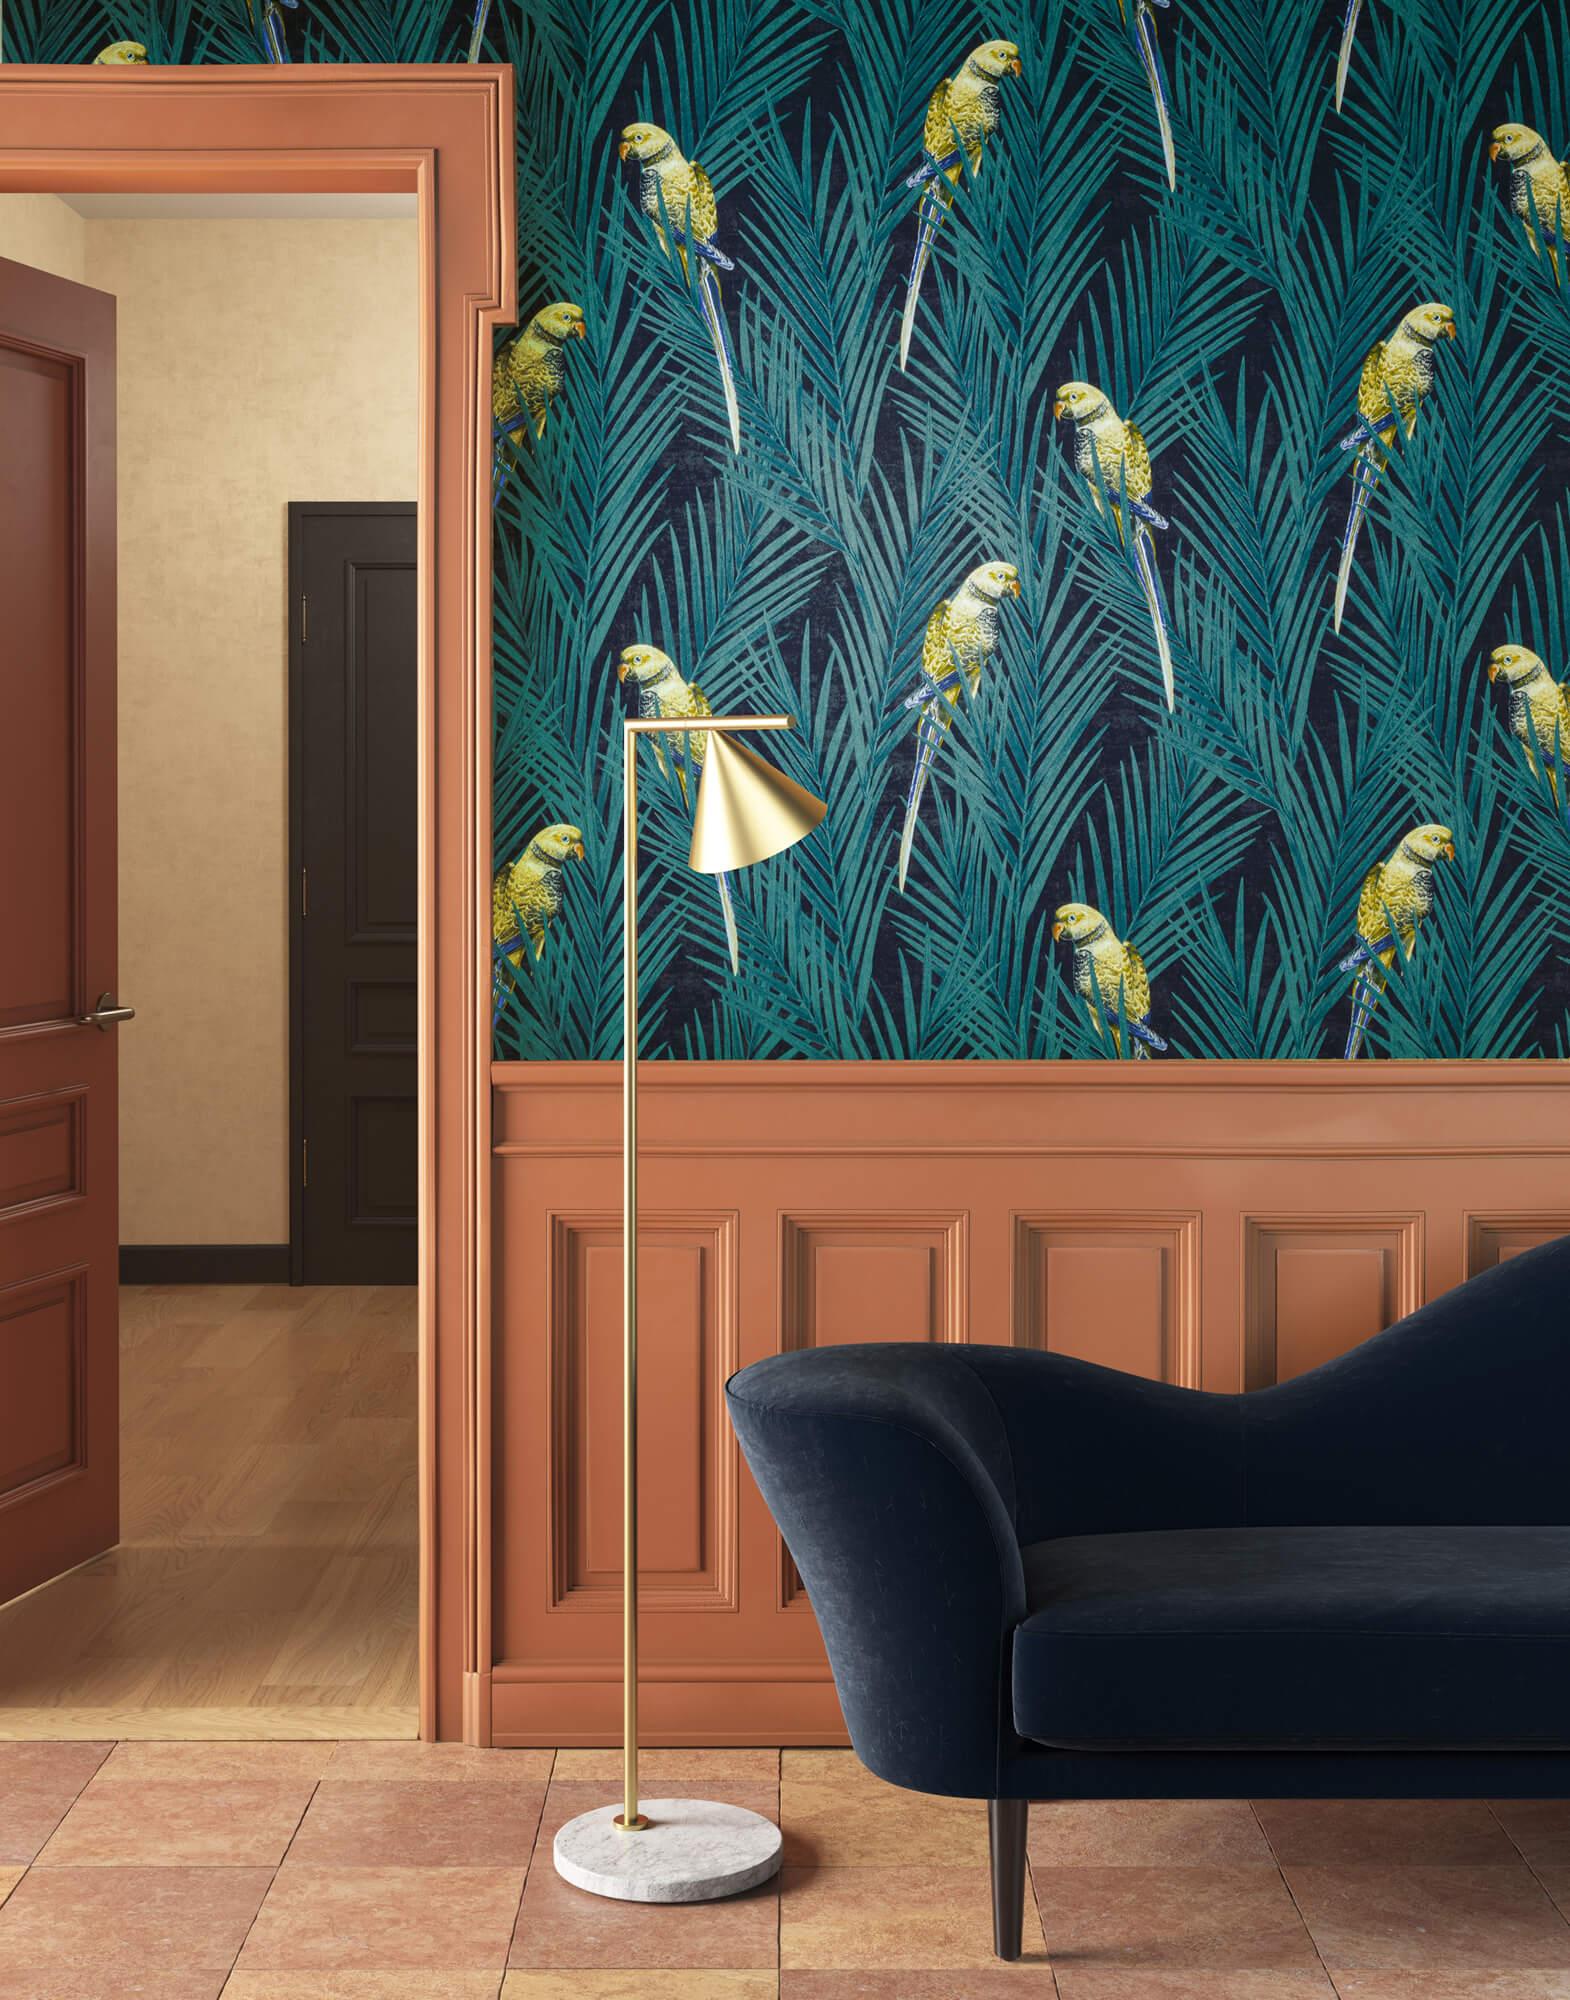 Tapeta z papugani na tropikalnych liściach palm CAB703 Eden Cabinet of Curiosities